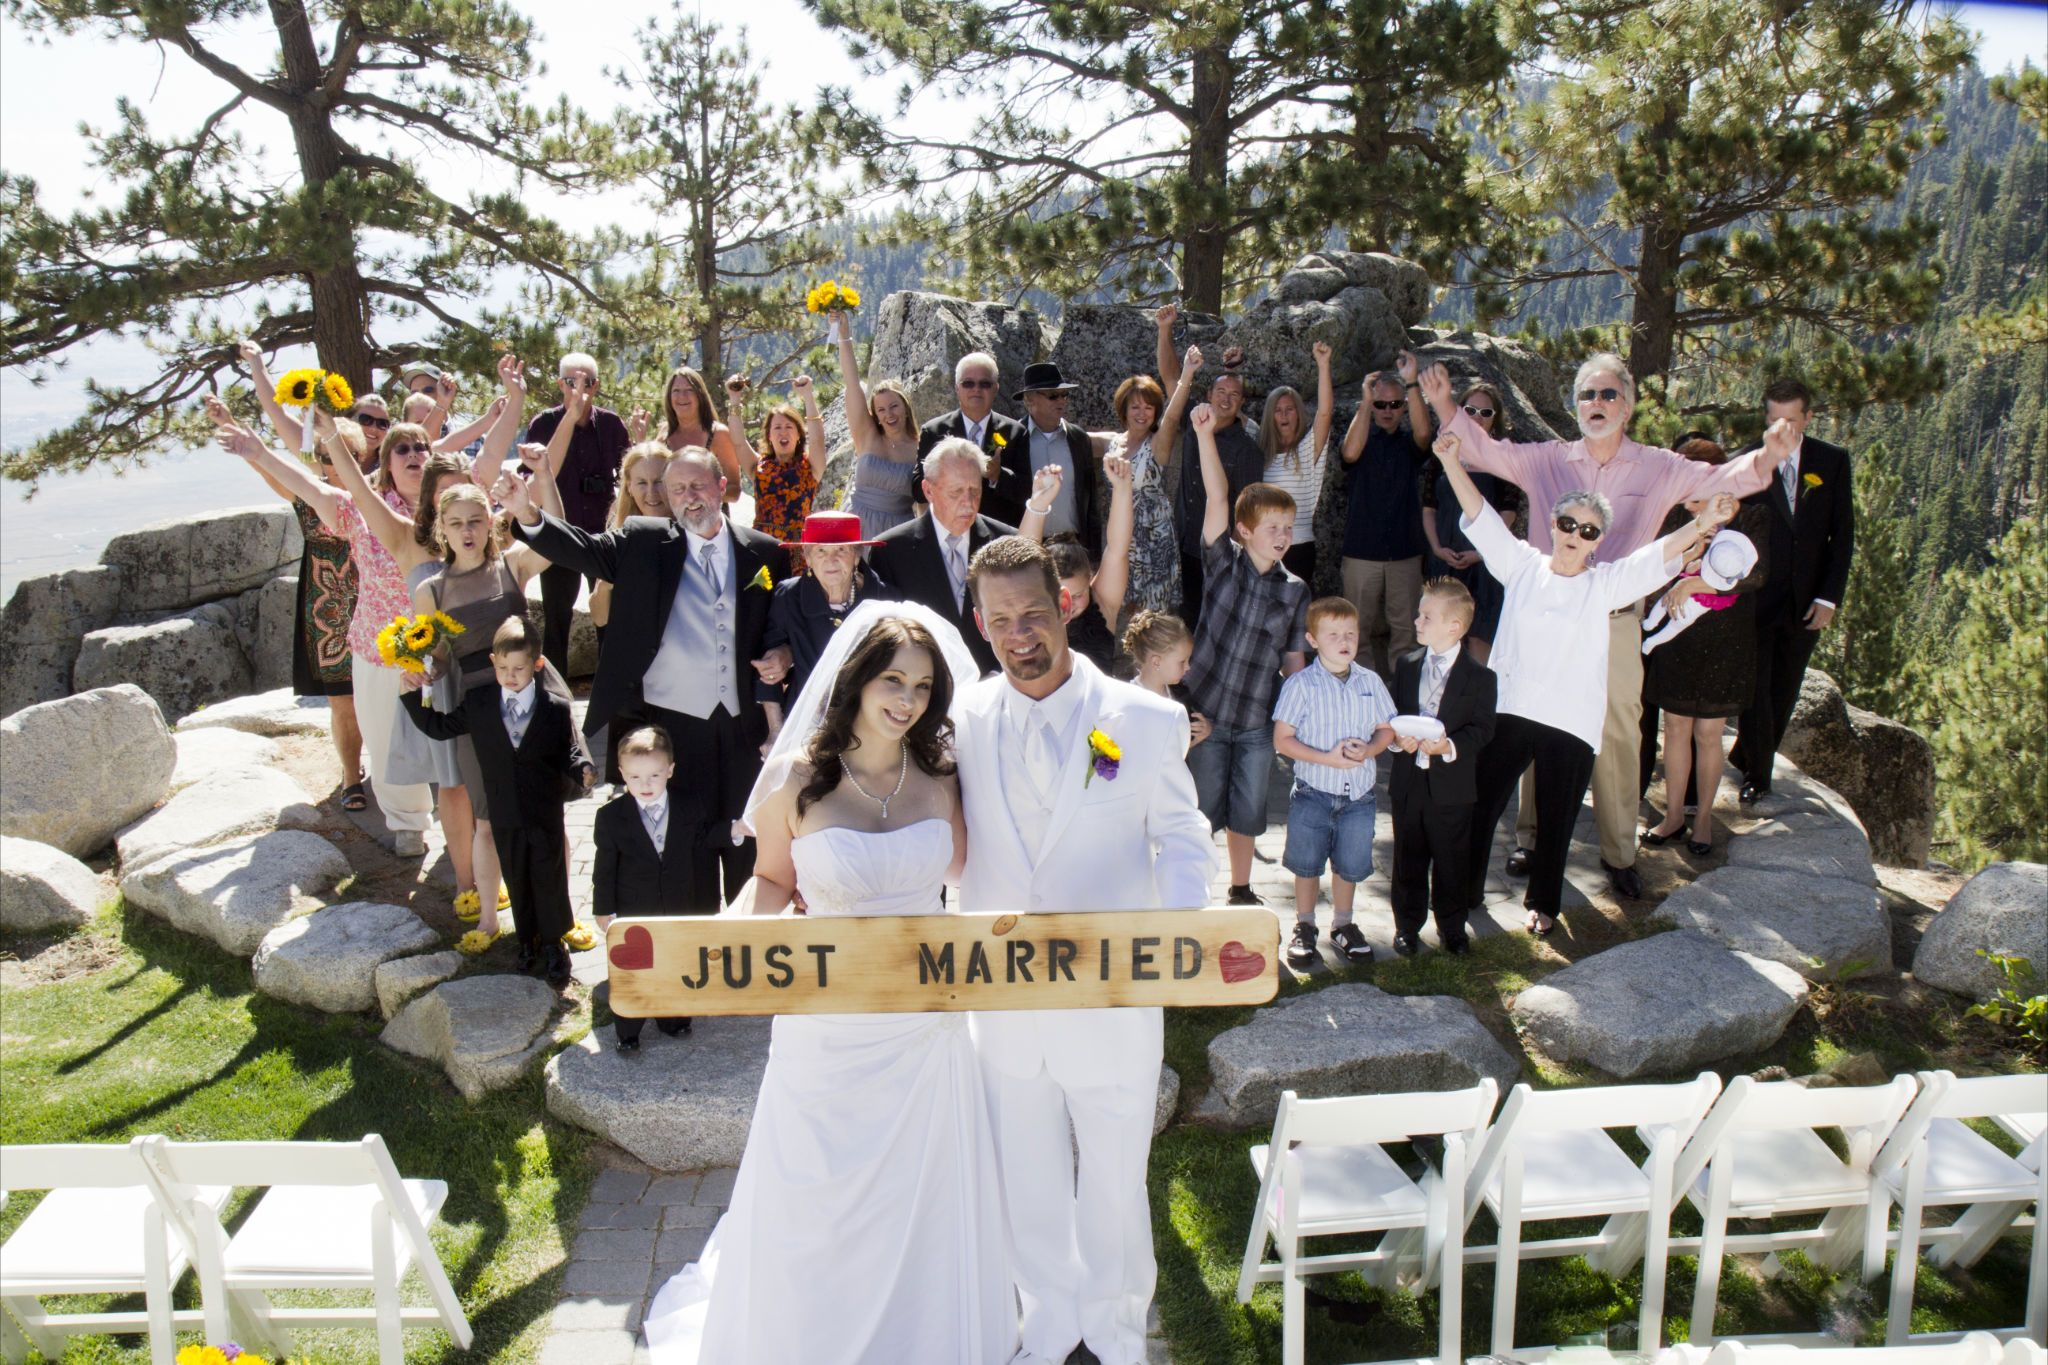 Just married south lake tahoe weddings tahoe wedding